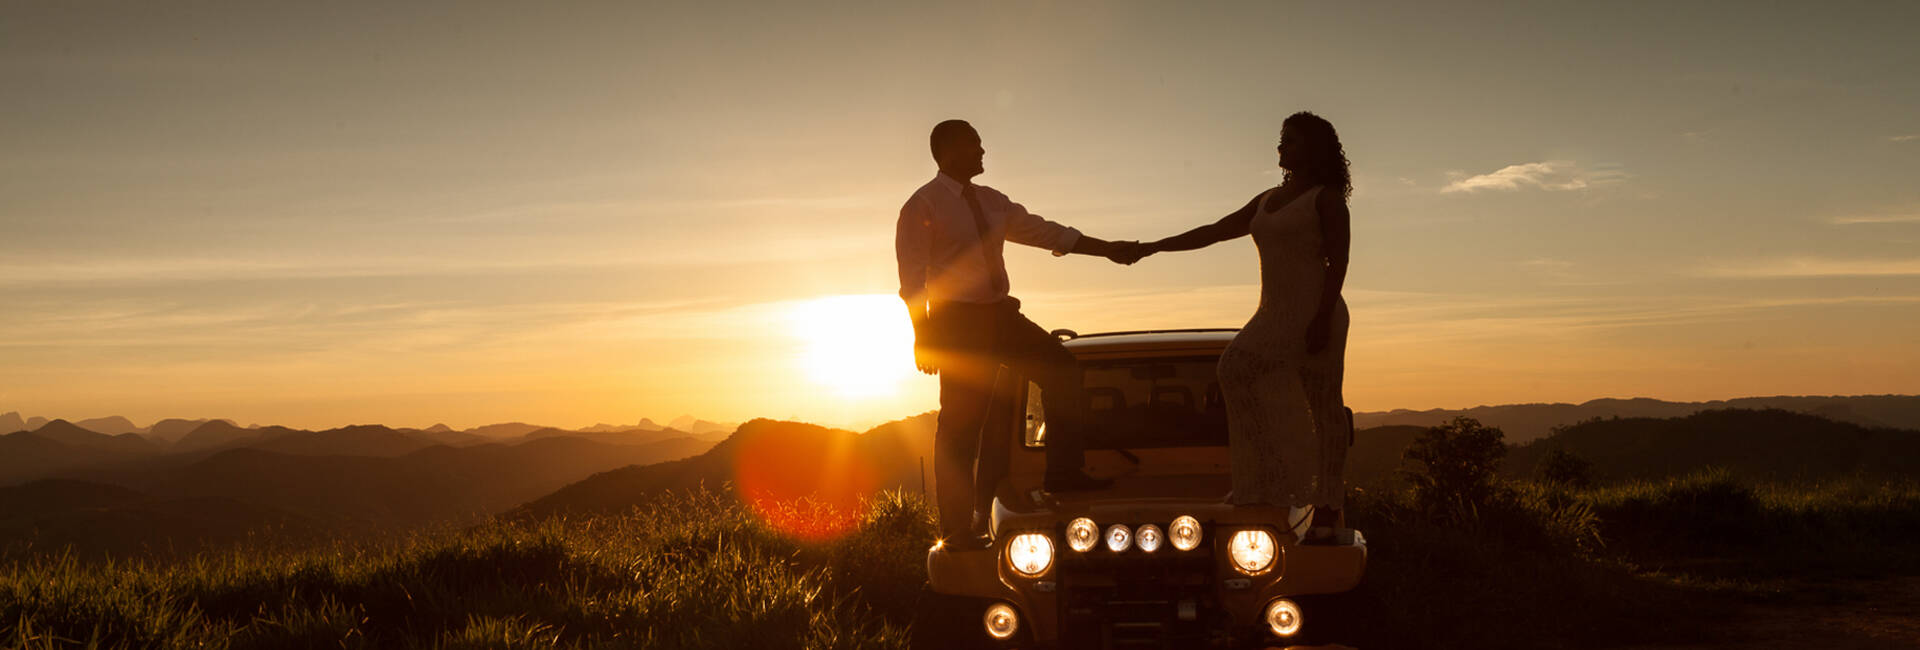 Casamento , ensaio Pós Casamento de Gecilda e Marcelo